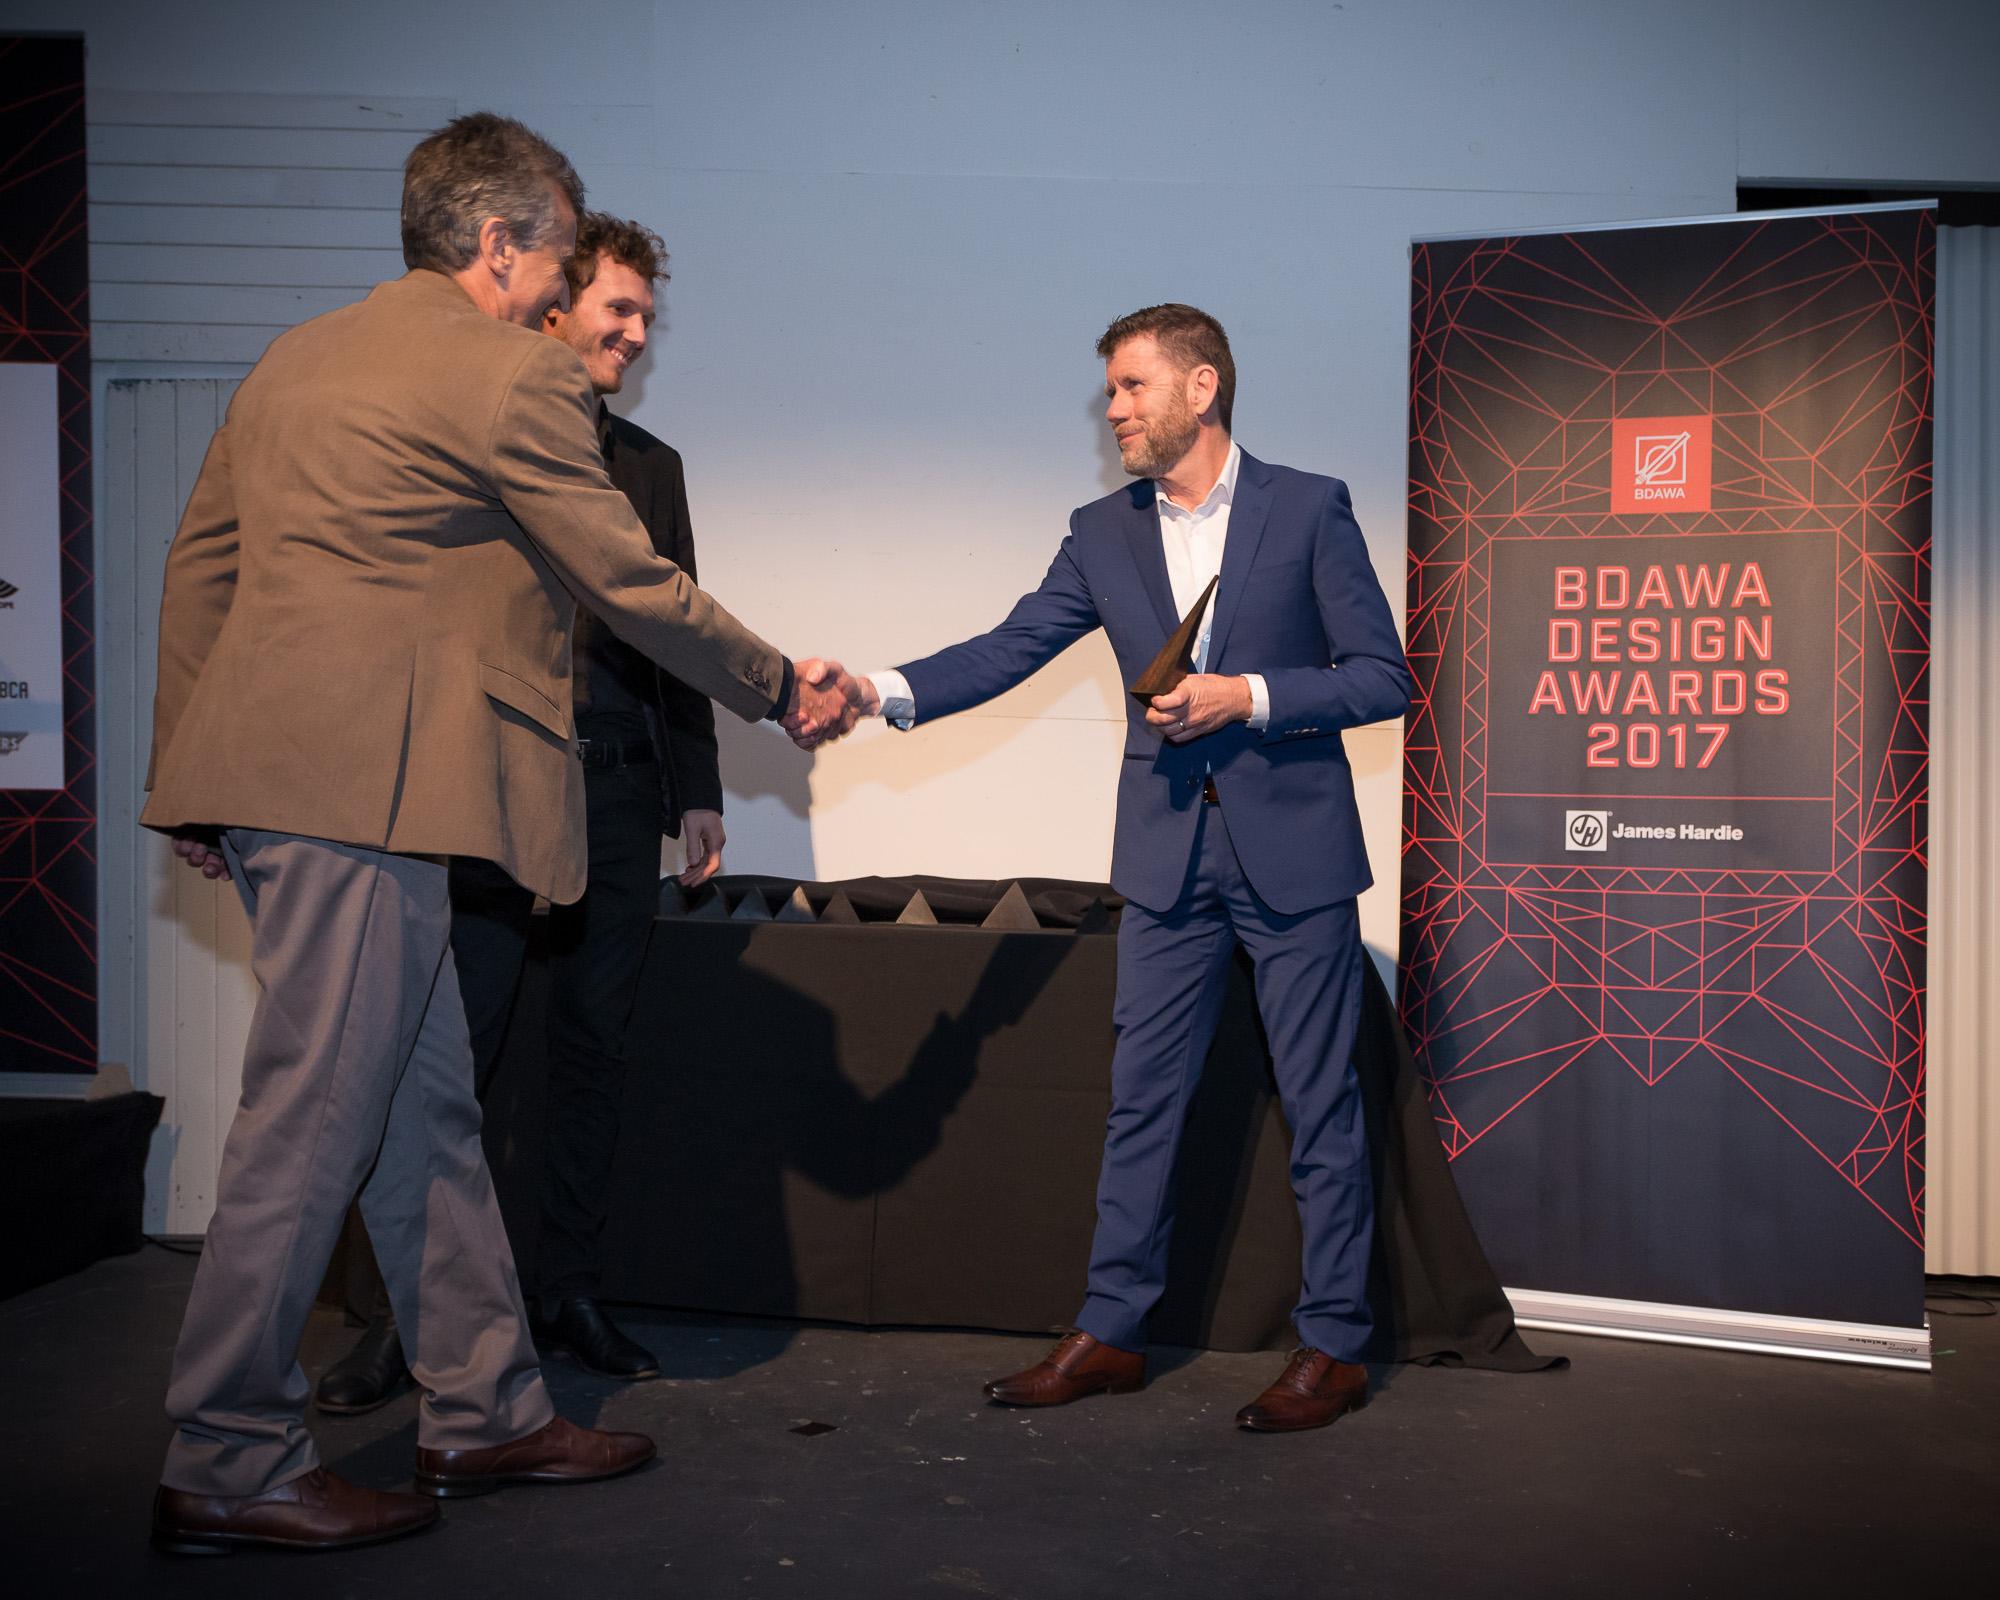 0162 BDA WA Awards 2017 _JHG7421.jpg